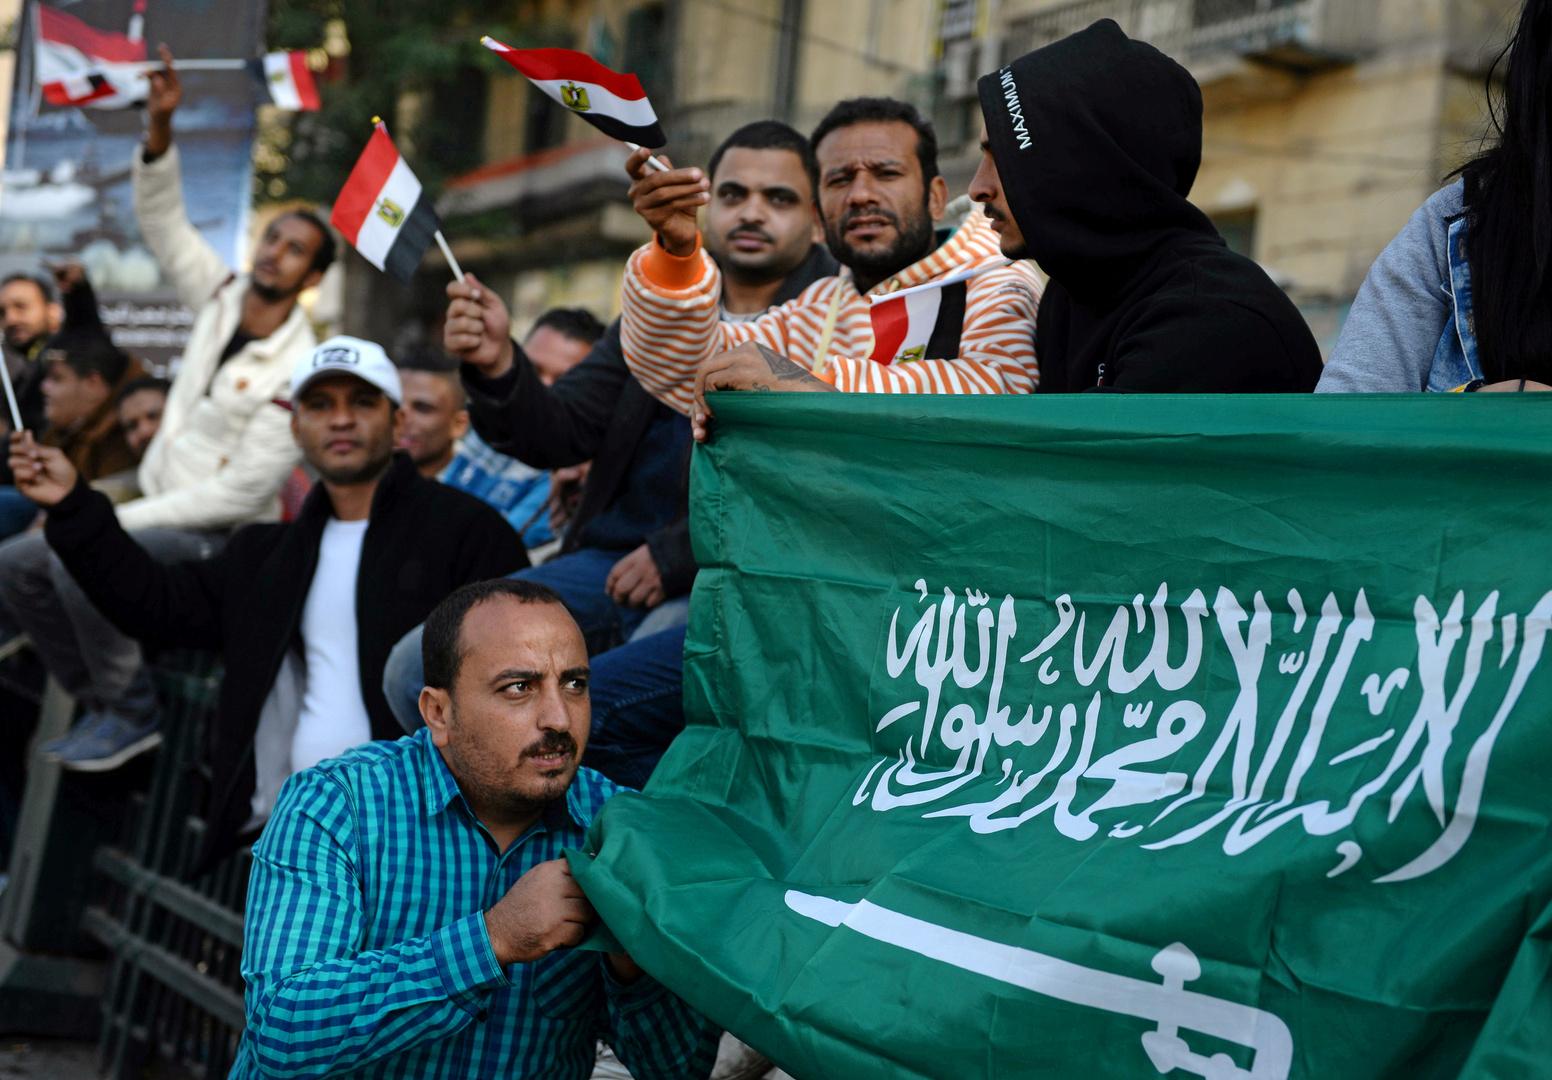 مصر تعيد مواطنا من السعودية بسبب فيديو على الإنترنت